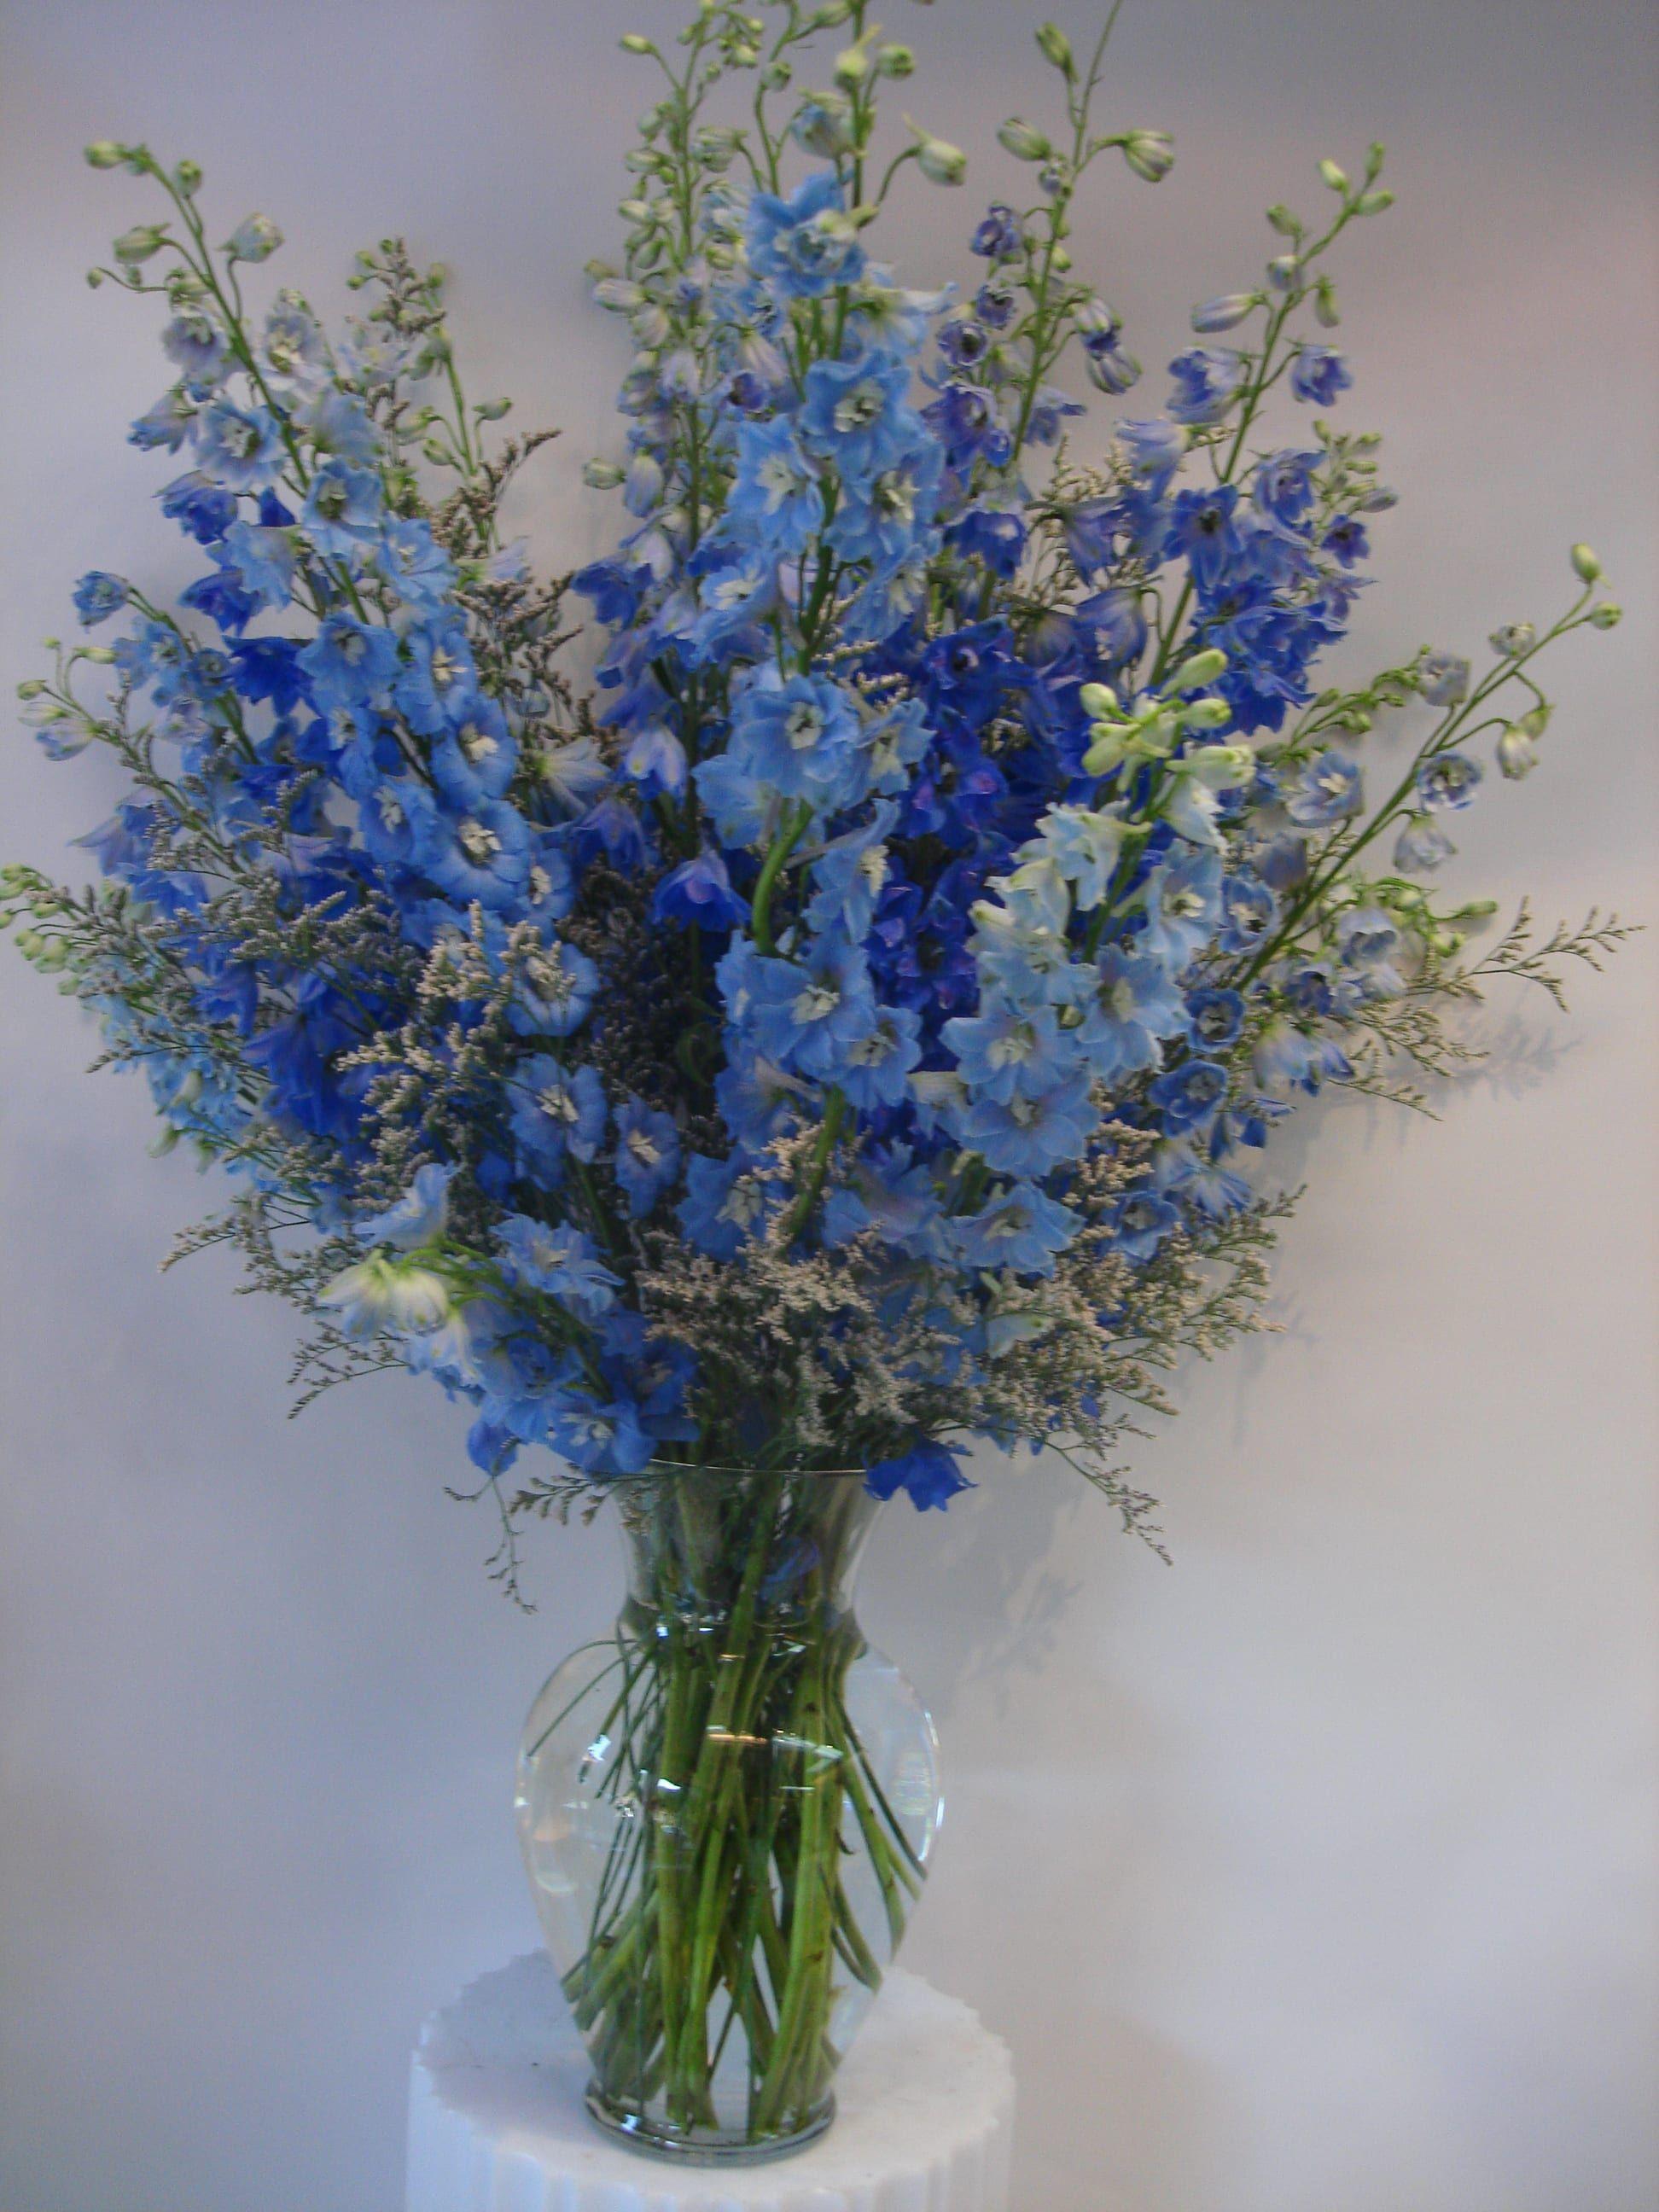 Send The Blue Delphinium Flower Arrangement Bouquet Of Flowers From Fillmore Florist San Delphinium Flowers Blue Flower Arrangements Beautiful Flowers Pictures